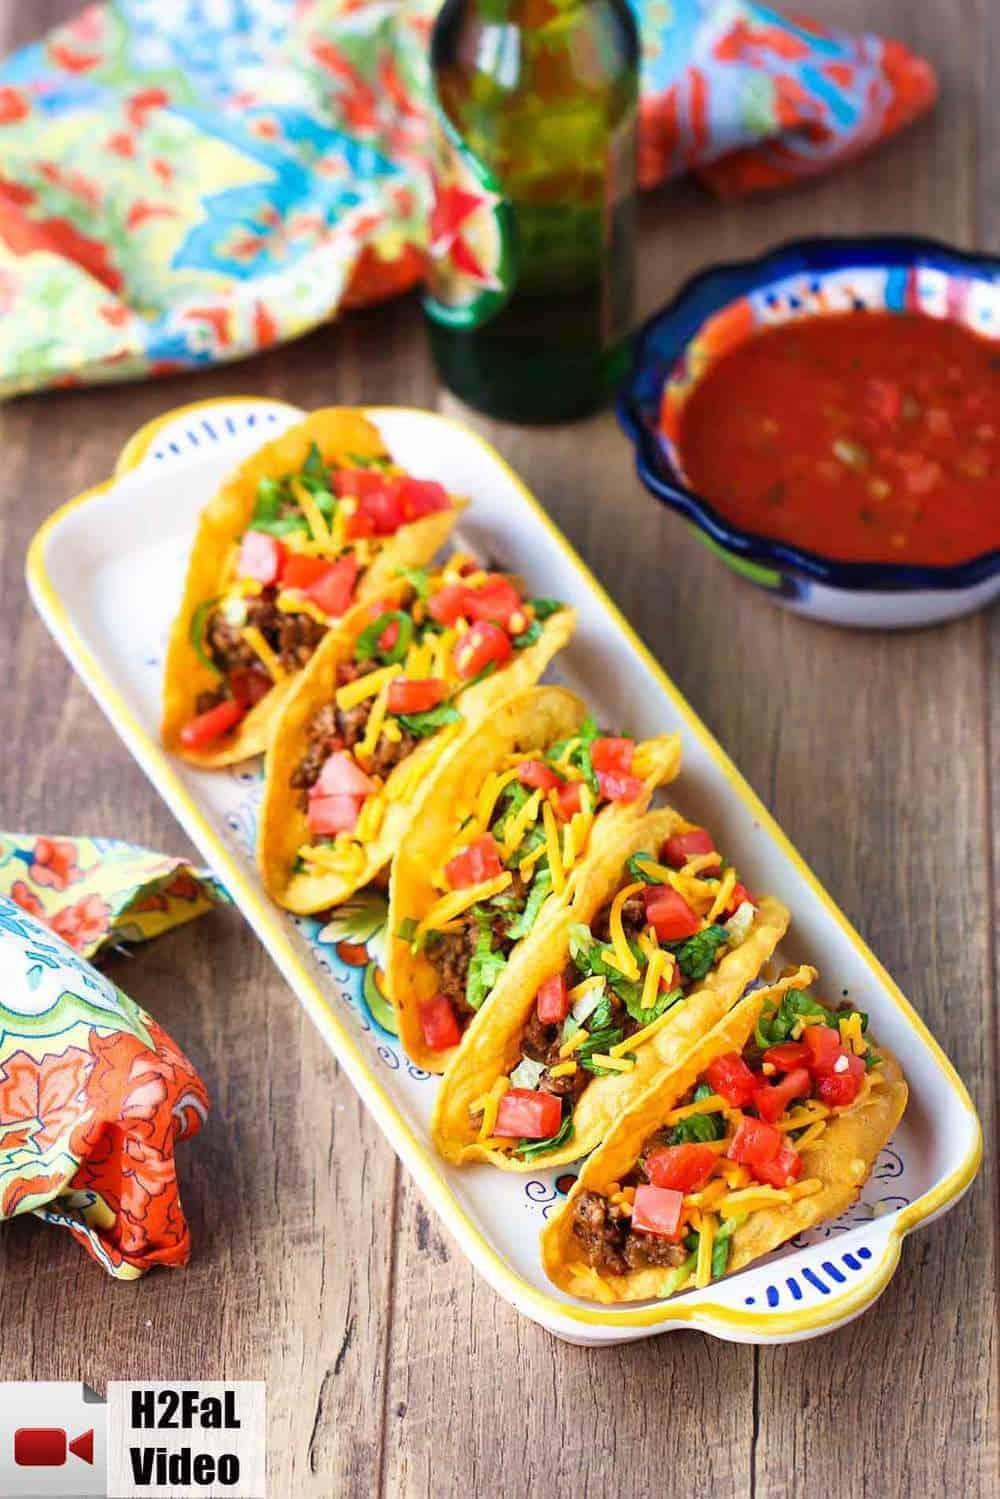 Tex-Mex Beef Tacos recipe